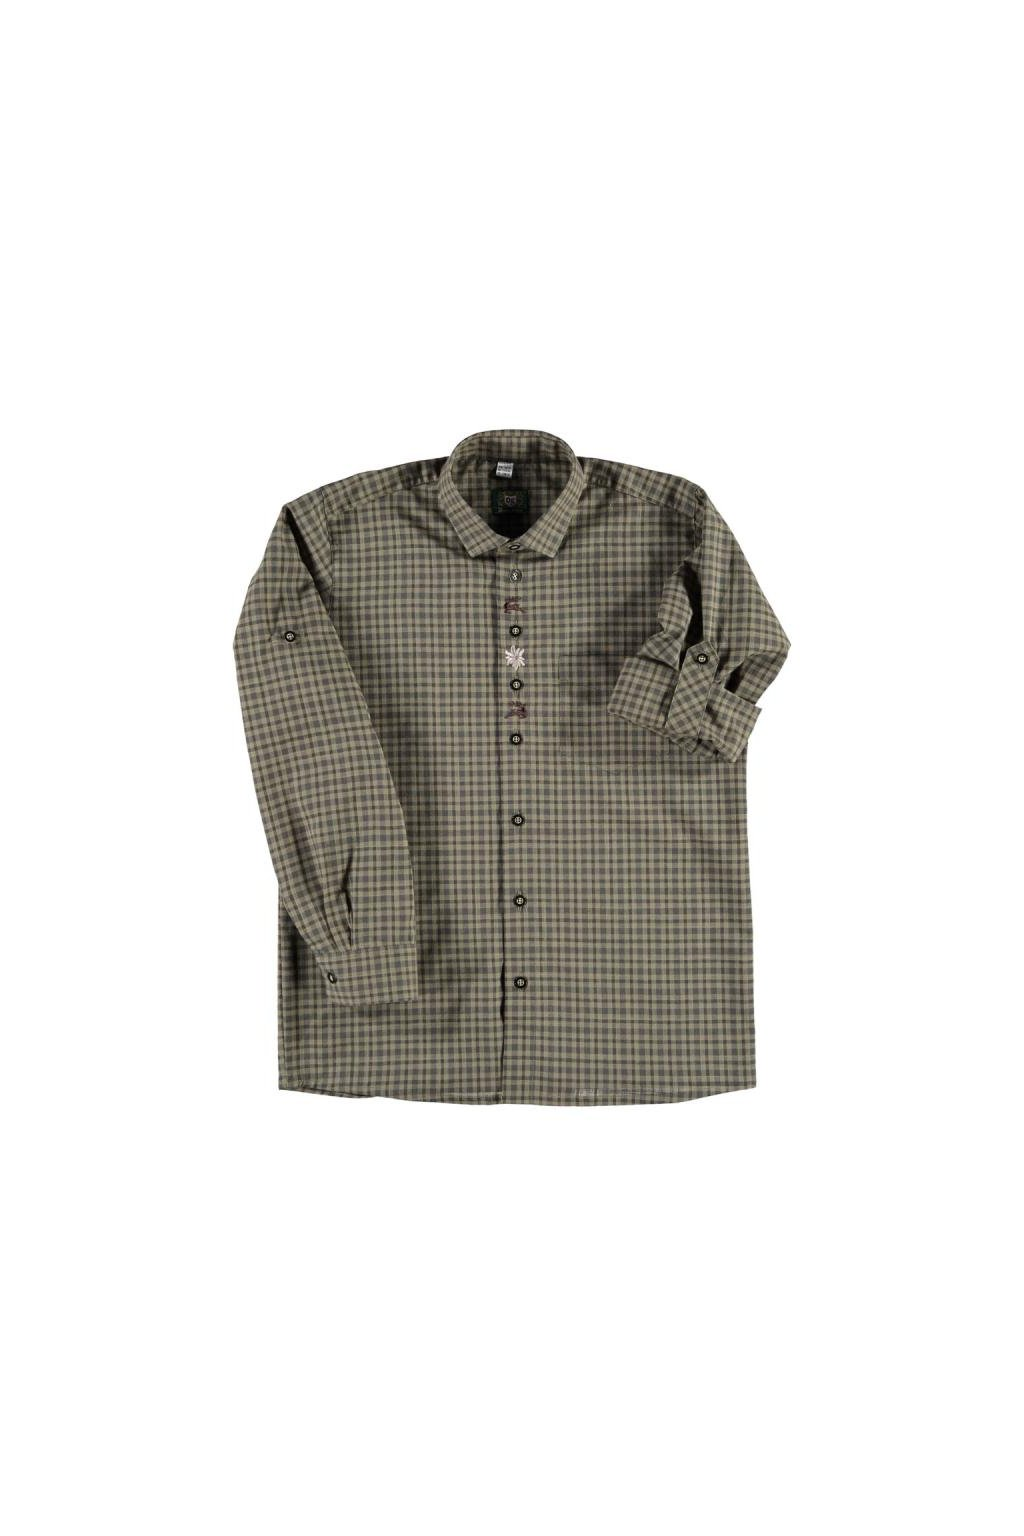 ORBIS - košile dětská zdobená (3581)